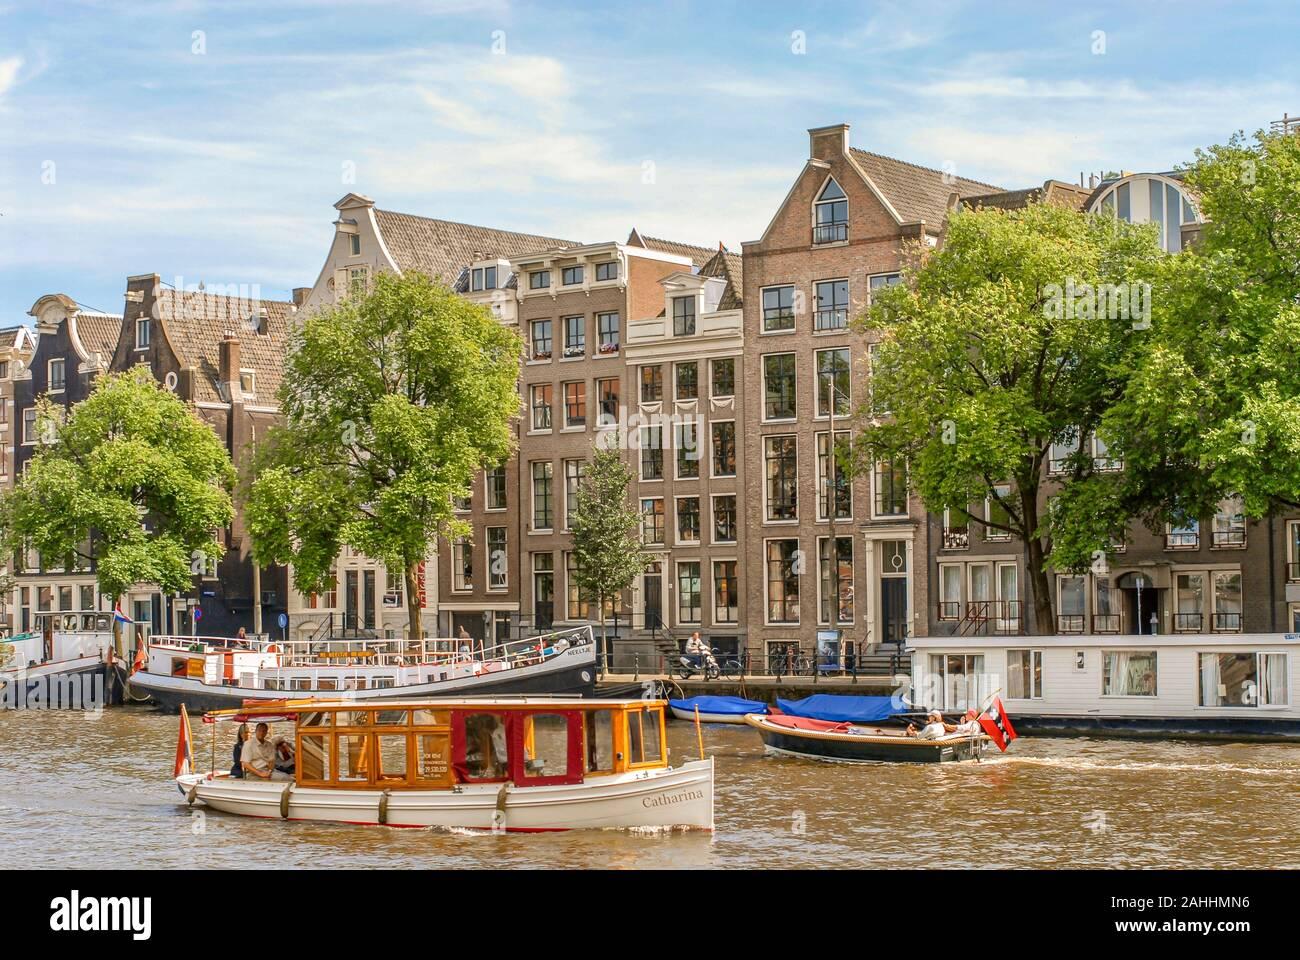 Bateau touristique typique dans un canal d'eau à Amsterdam, Pays-Bas Banque D'Images